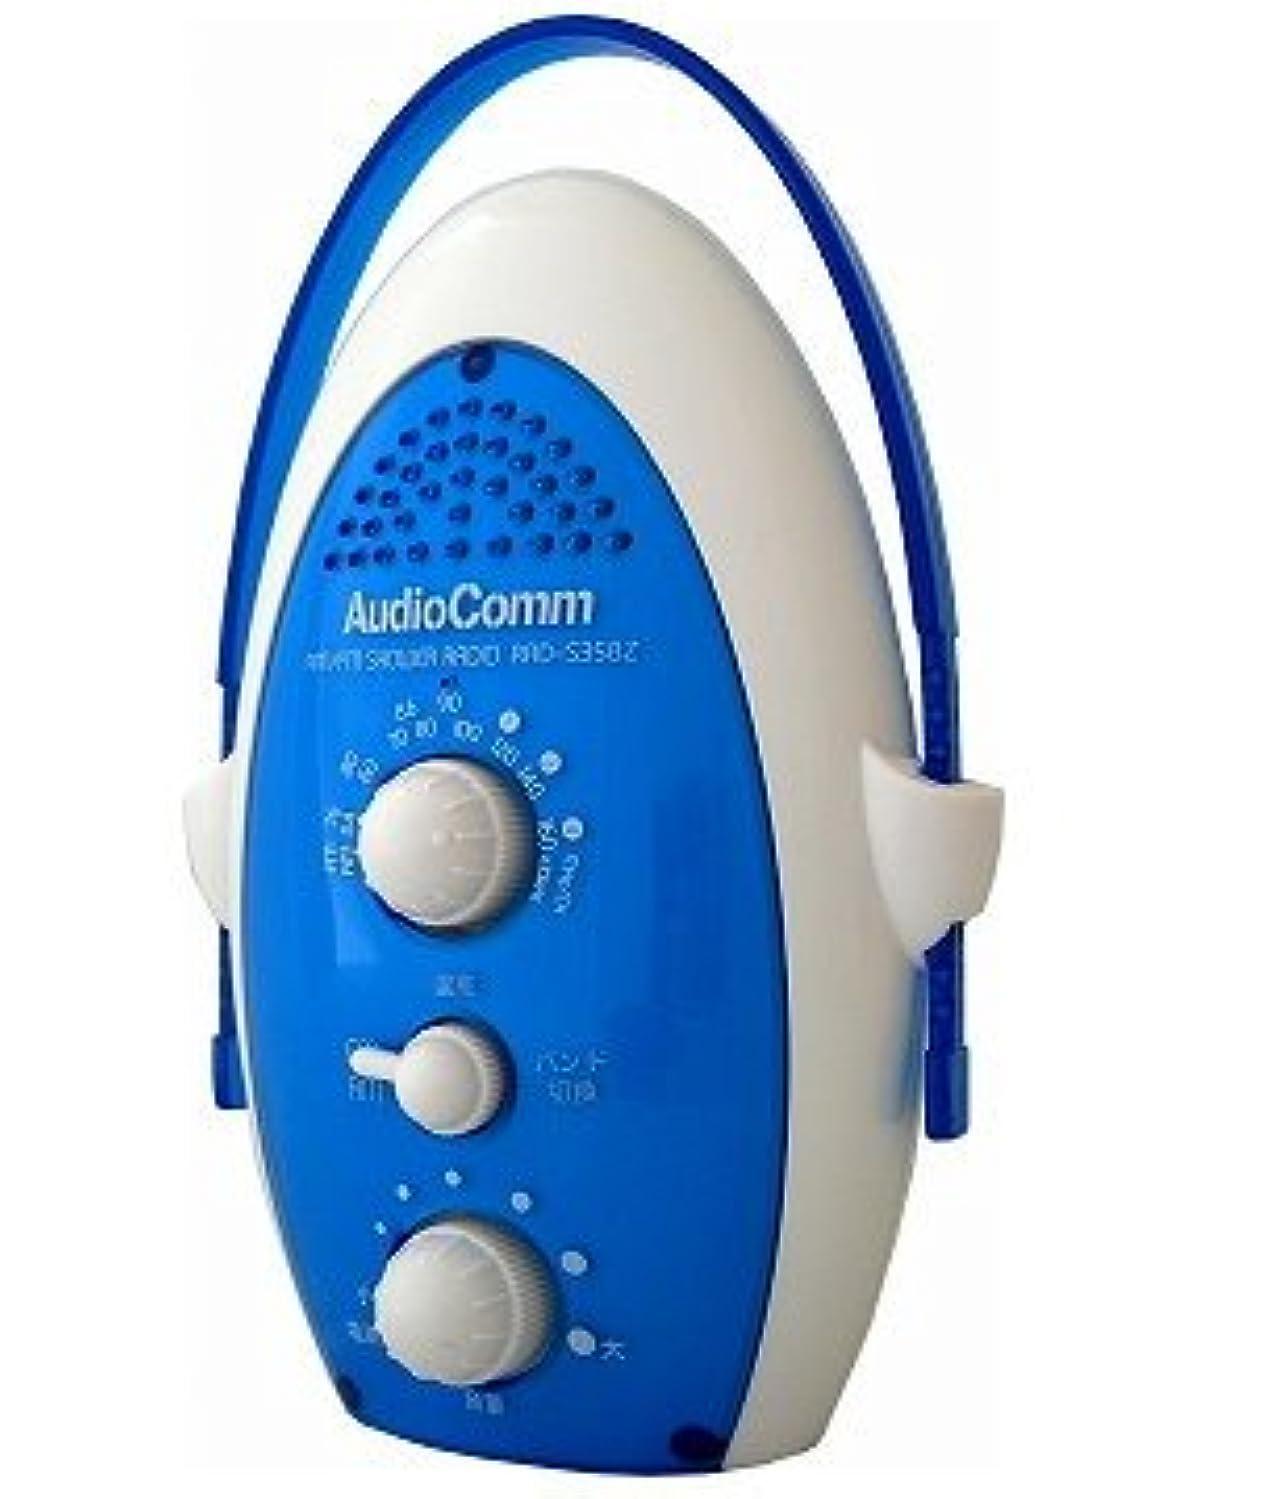 ビクター本頻繁にlalatone シャワーラジオ LAD-7705/R